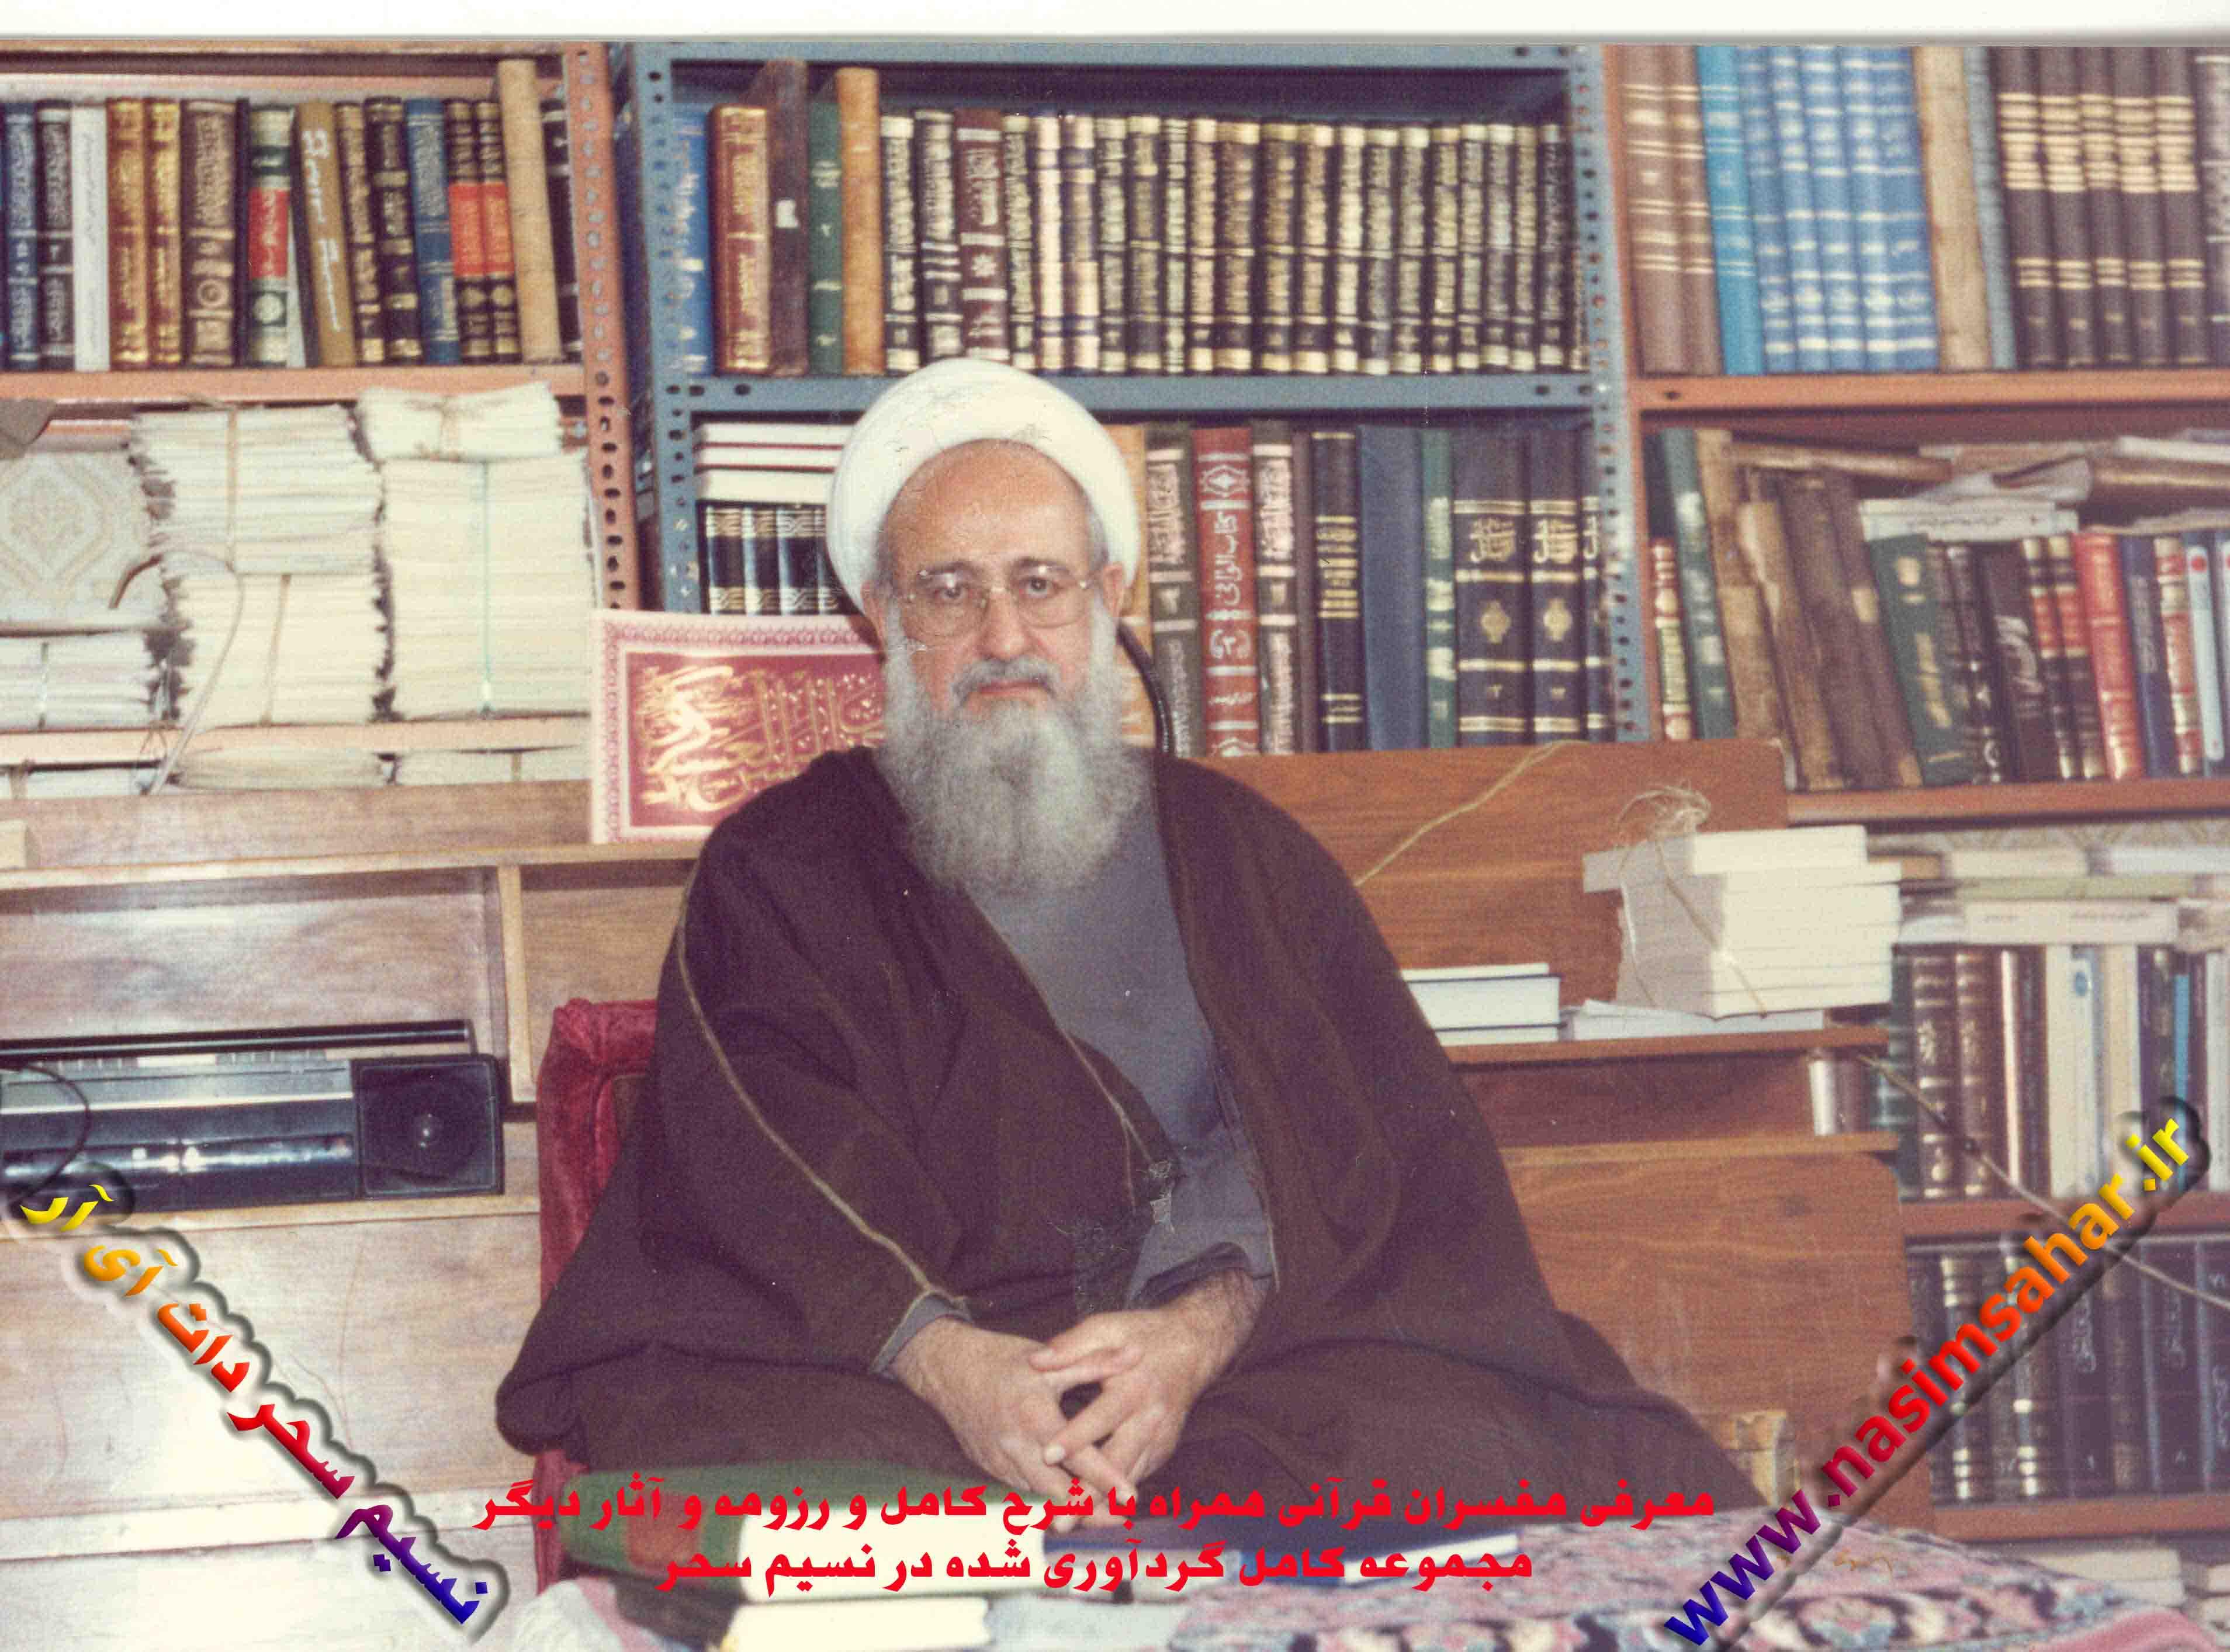 آیت الله محمد صادقى صاحب تفسير البلاغ